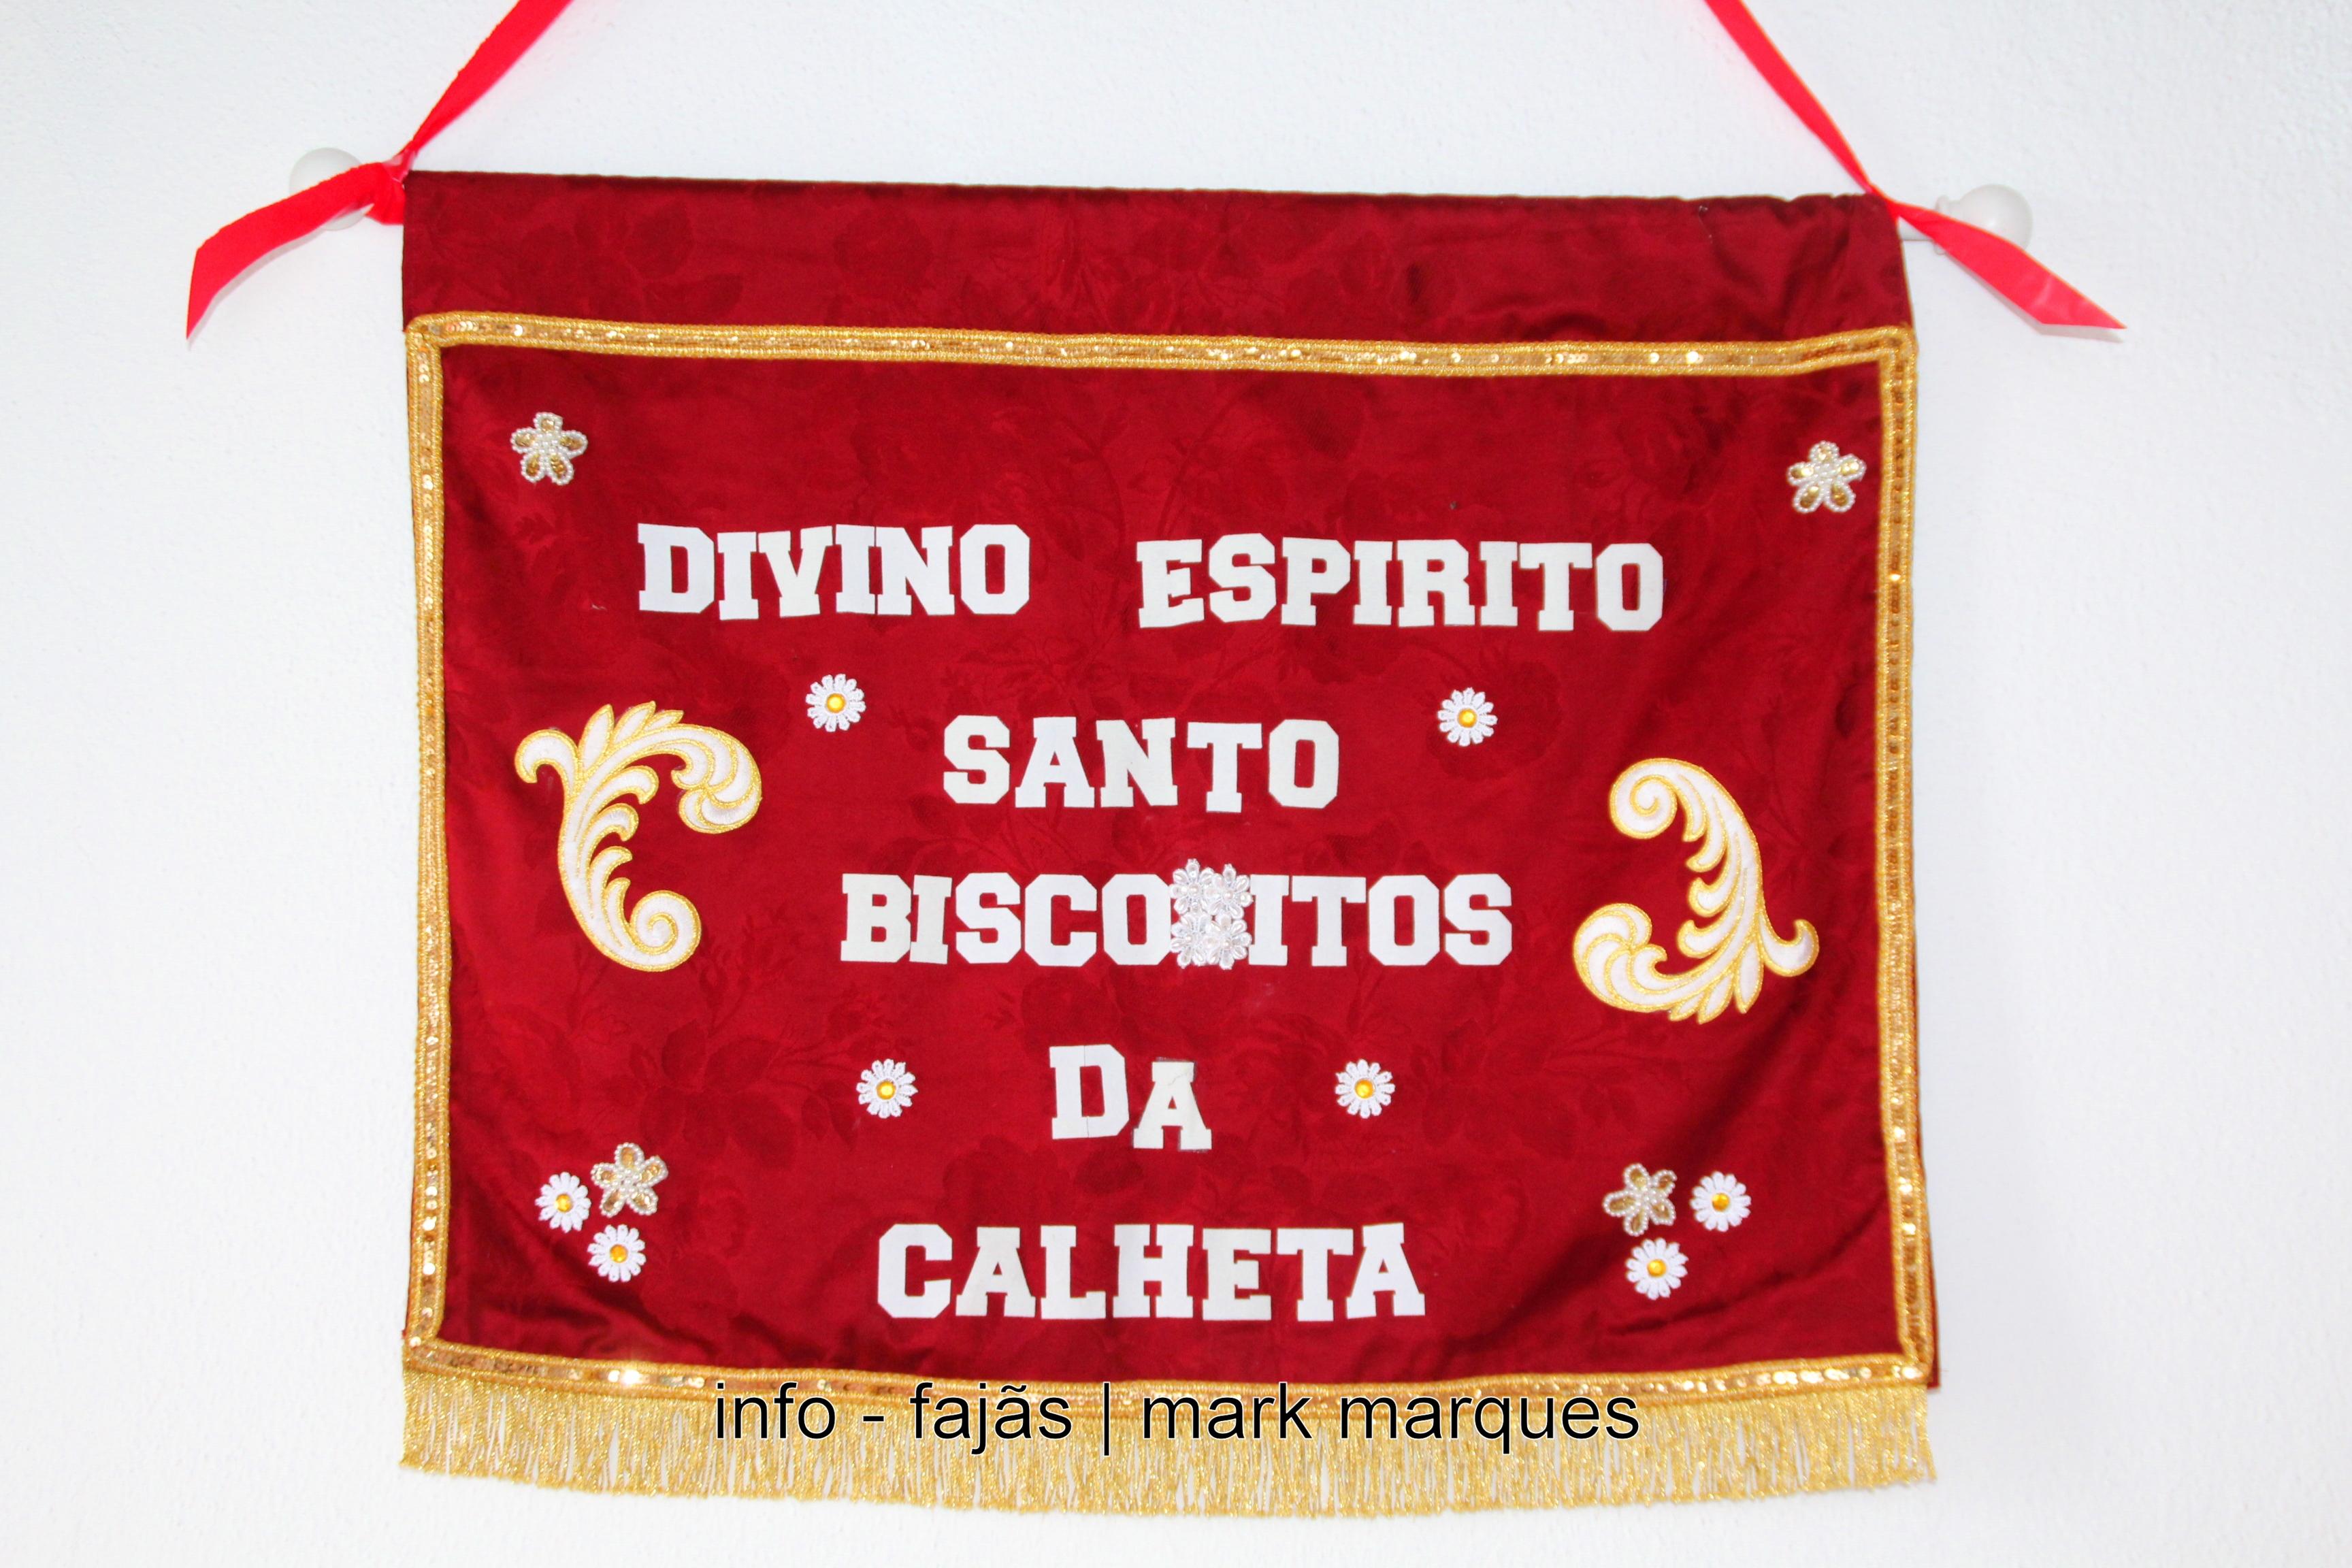 COROAÇÃO do DIVINO ESPÍRITO SANTO – BISCOITOS / CALHETA – São Jorge. (reportagem fotográfica)